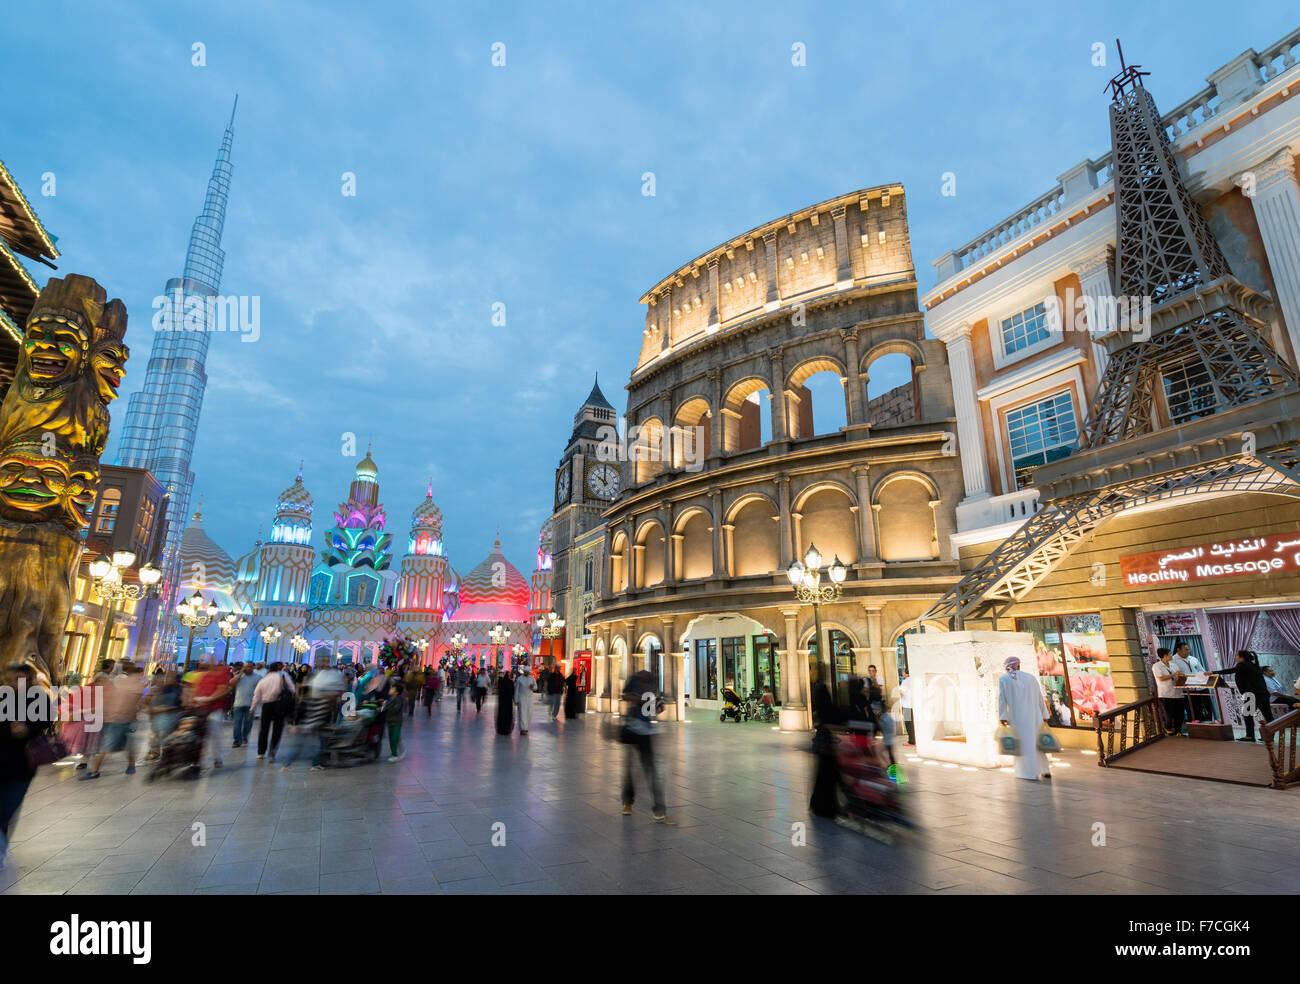 Vista de noche de pabellones internacionales en la Aldea Global 2015 en Dubai, Emiratos Árabes Unidos Imagen De Stock